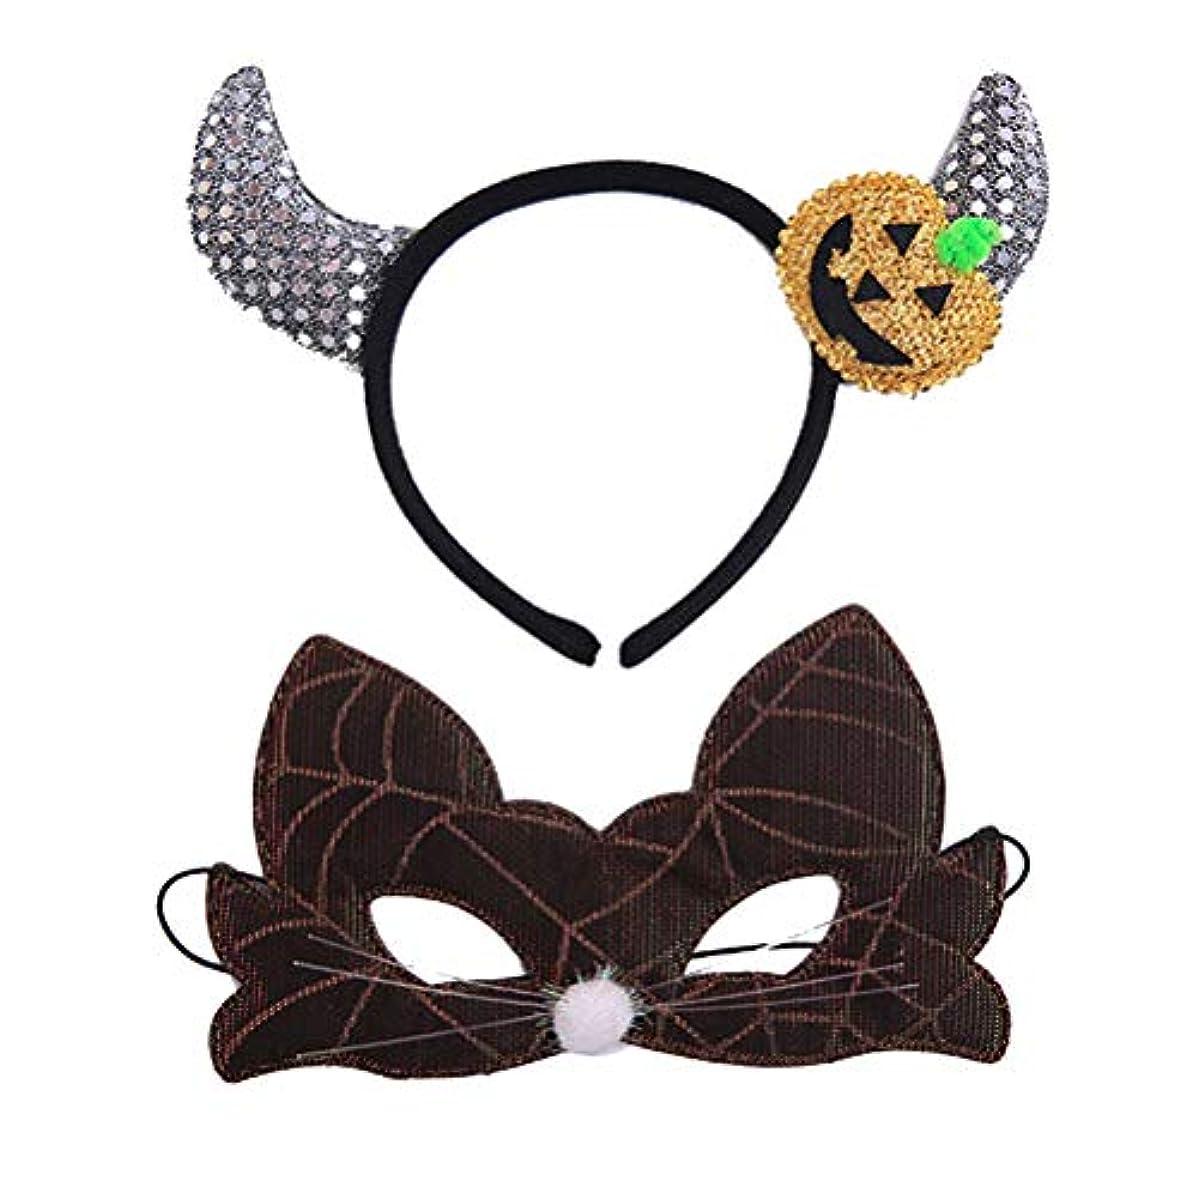 周り救出打倒BESTOYARD ハロウィーン悪魔ホーンヘッドバンドとアイマスク子供コスプレホーンヘッドギアドレスアップパーティー衣装(2セット)